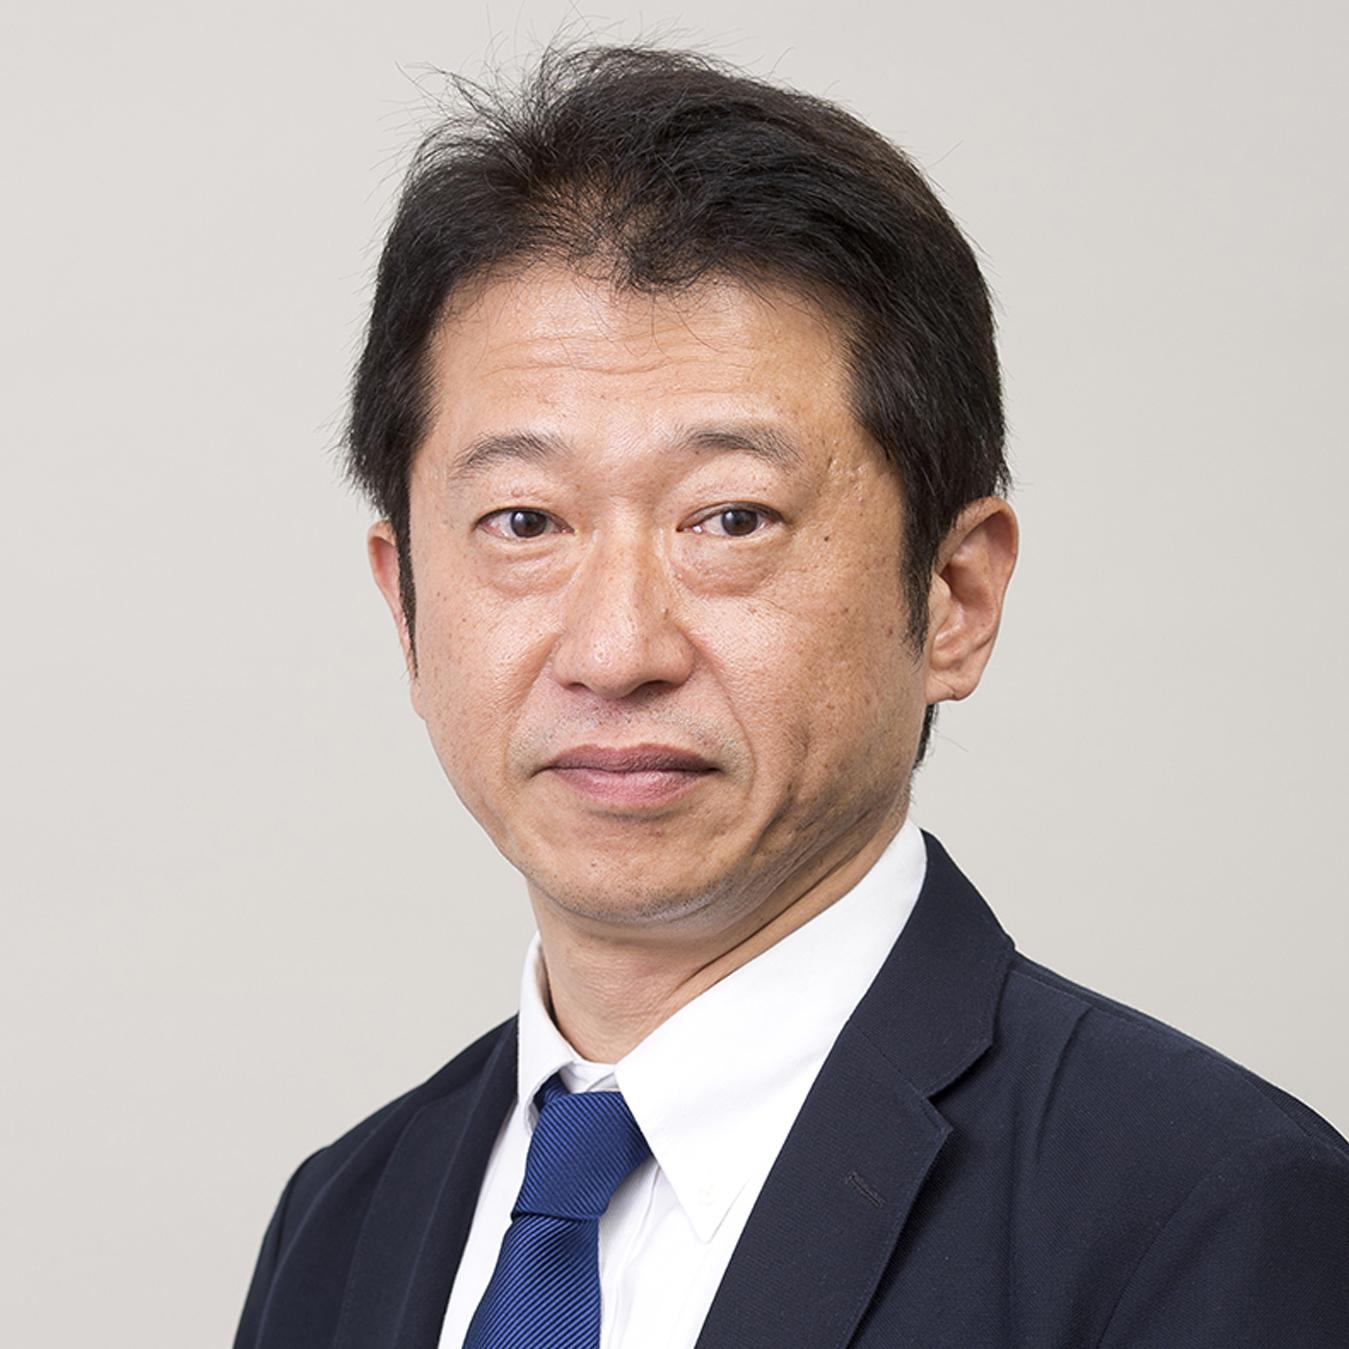 主任研究員 兼 産官学連携室長 松本 博樹 Hiroki Matsumoto